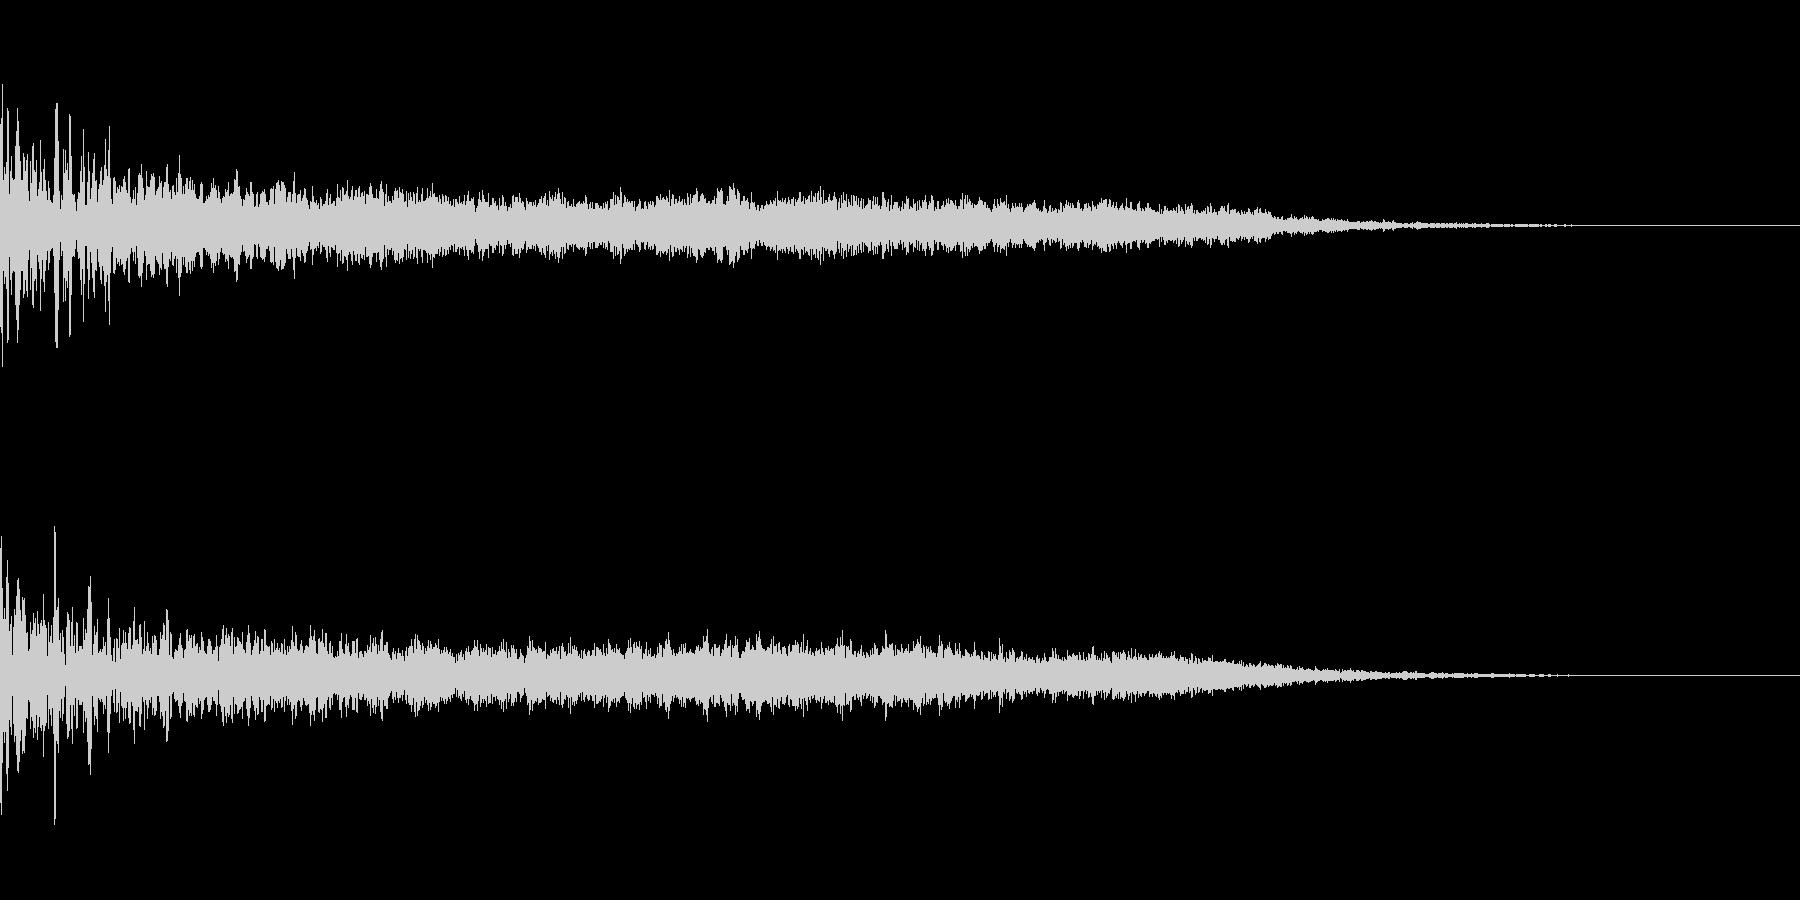 不気味なジングル(ゲームオーバーなど)の未再生の波形